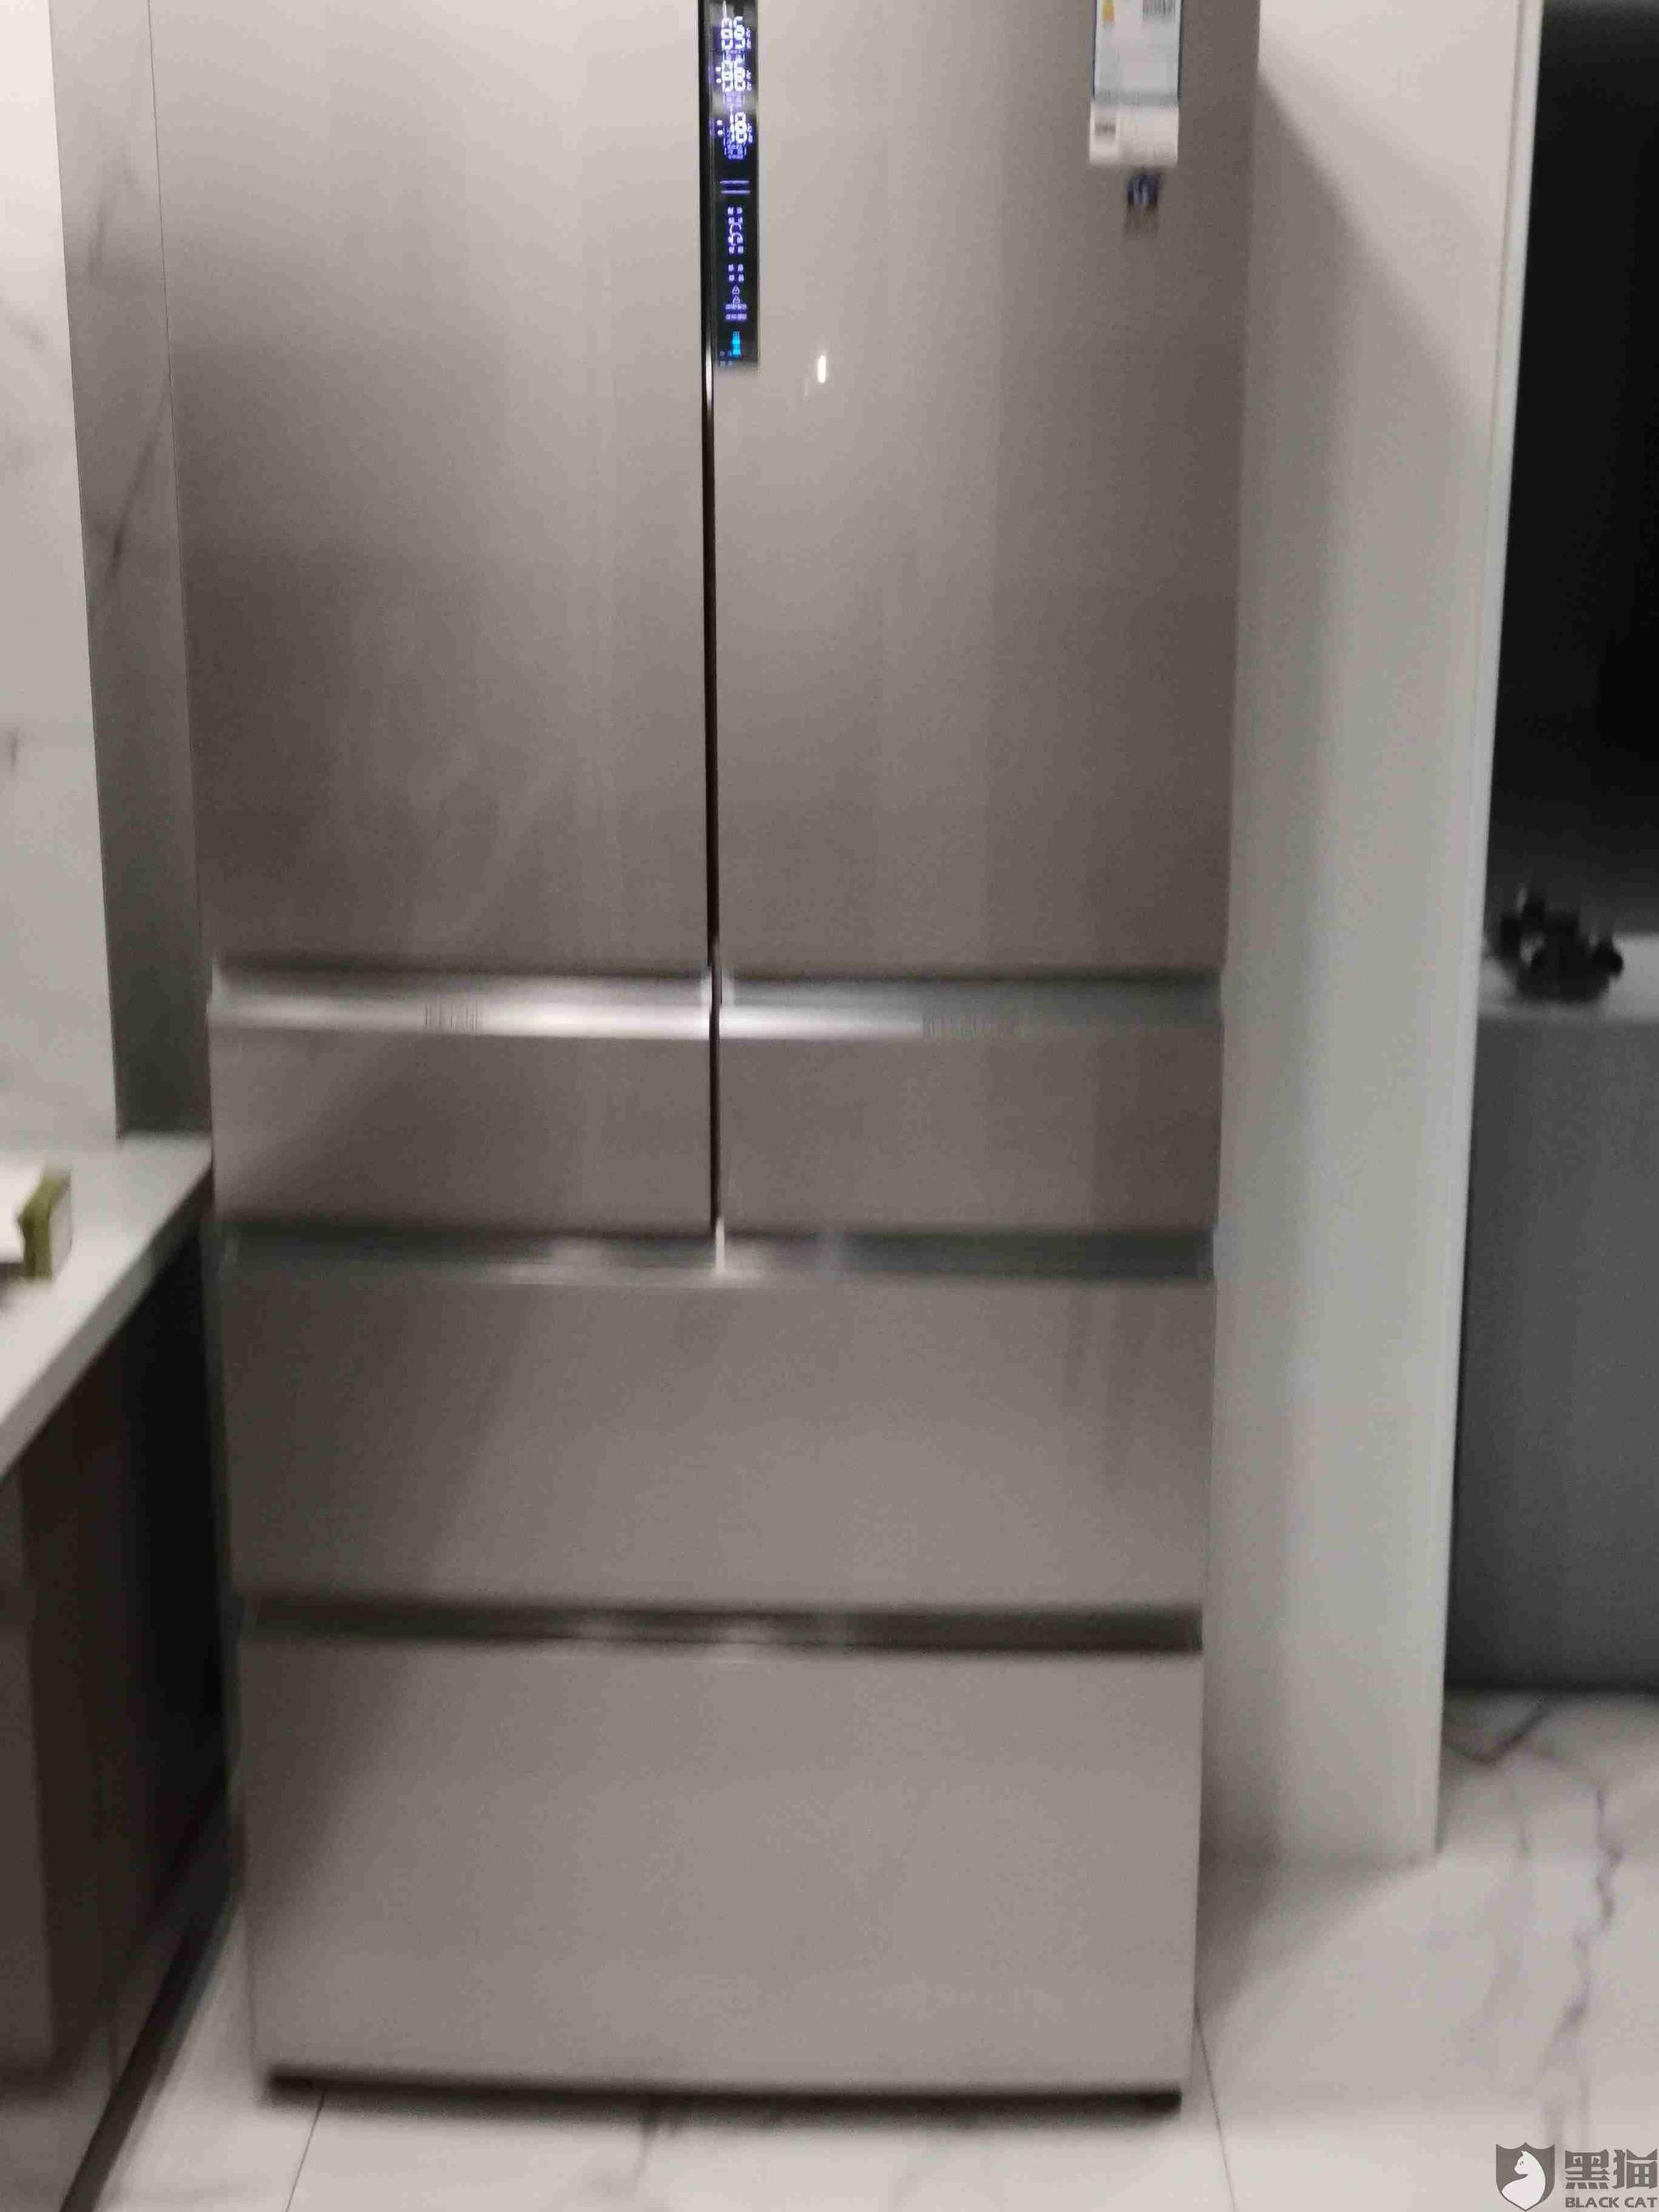 黑猫投诉:海尔卡萨帝高端冰箱,两次换货收到的都是故障机